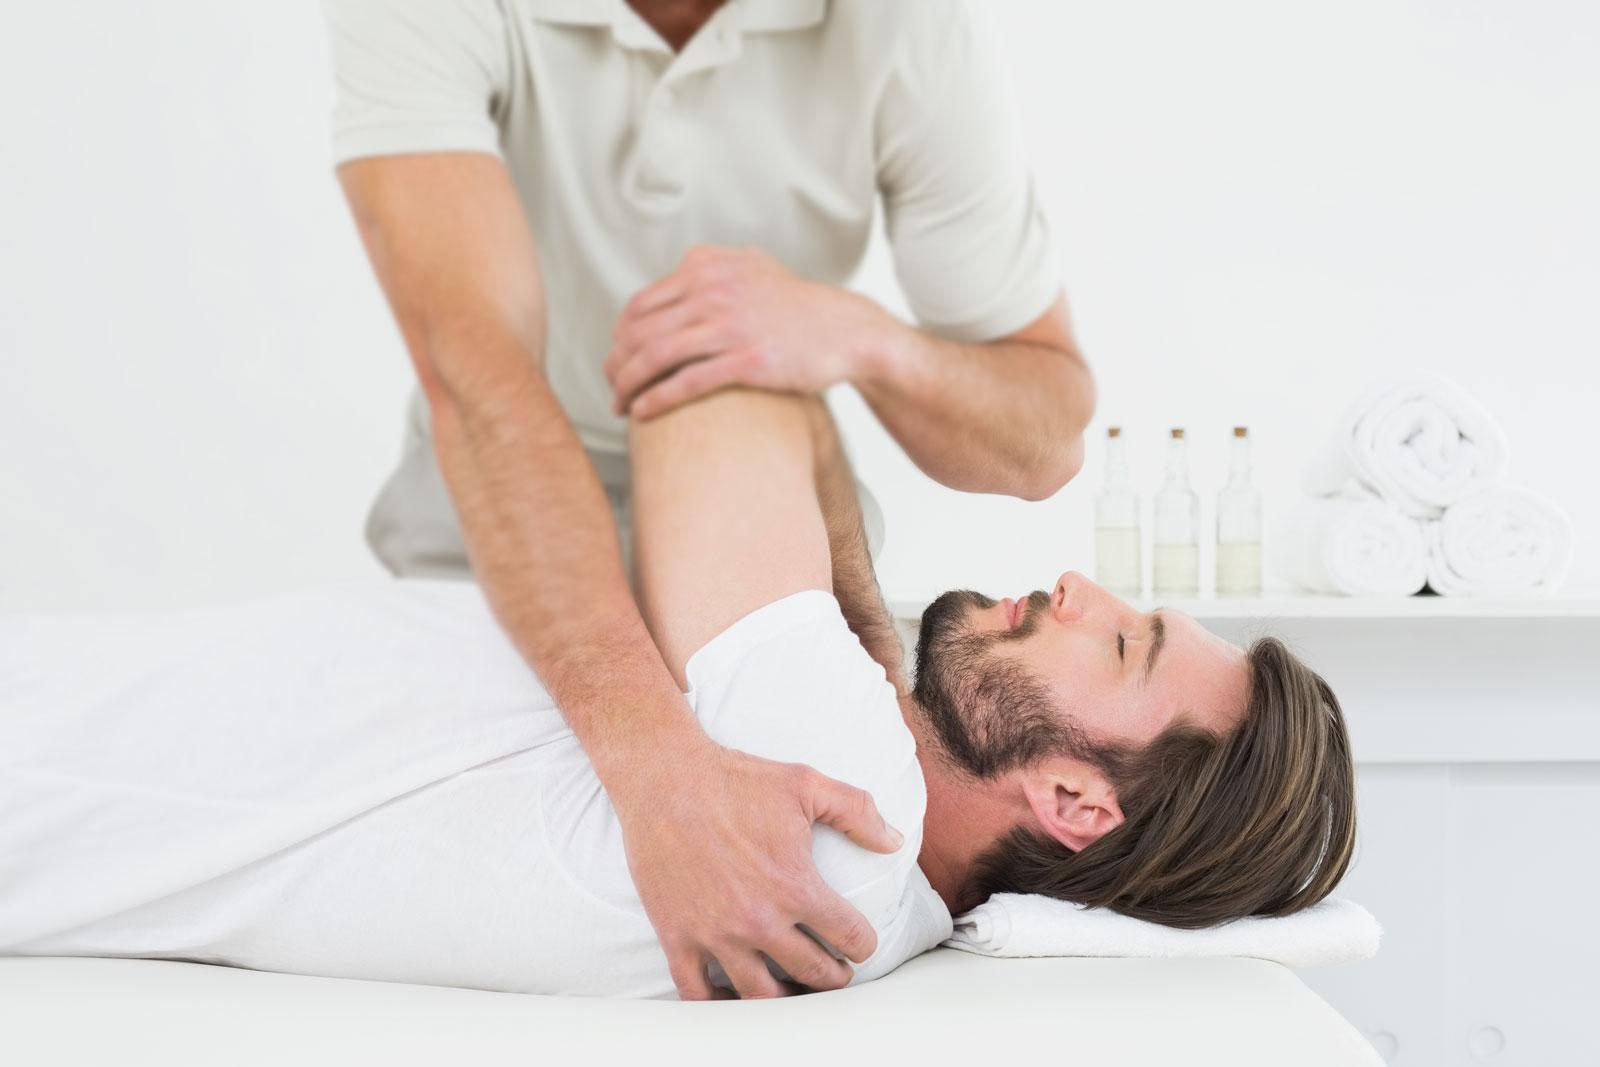 massage4you sport massage